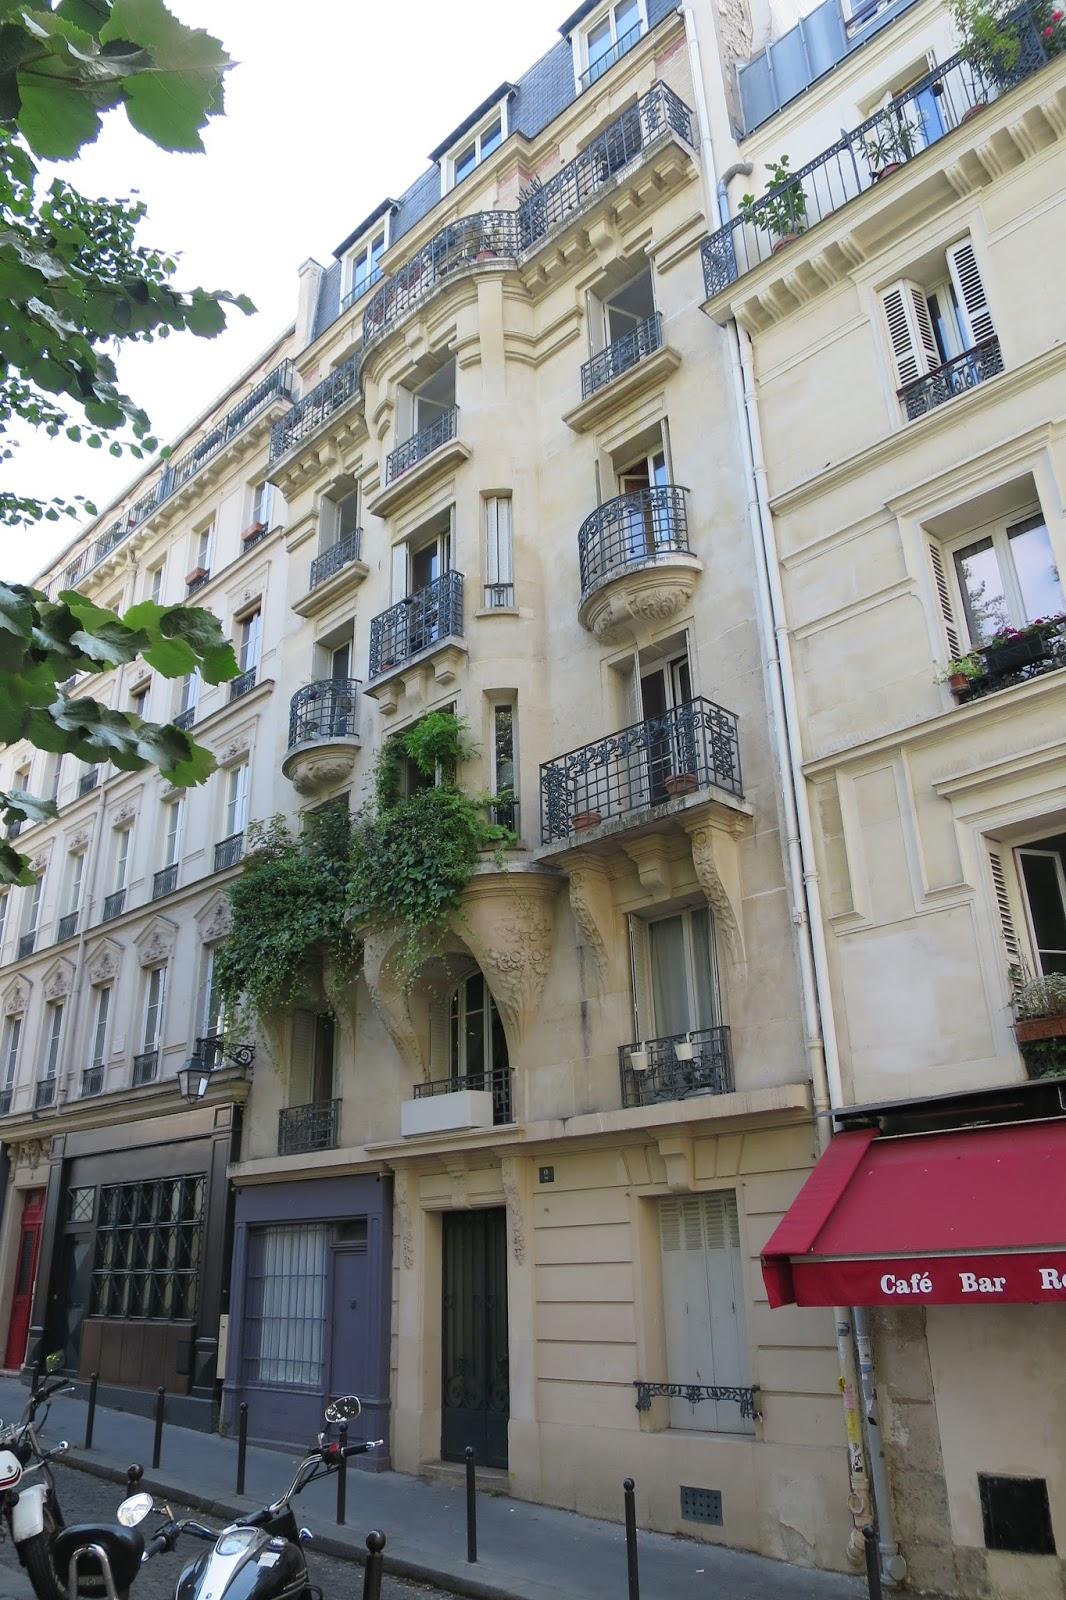 la rte le p re d 39 ulysse place charles dullin paris xviii me arrondissement. Black Bedroom Furniture Sets. Home Design Ideas